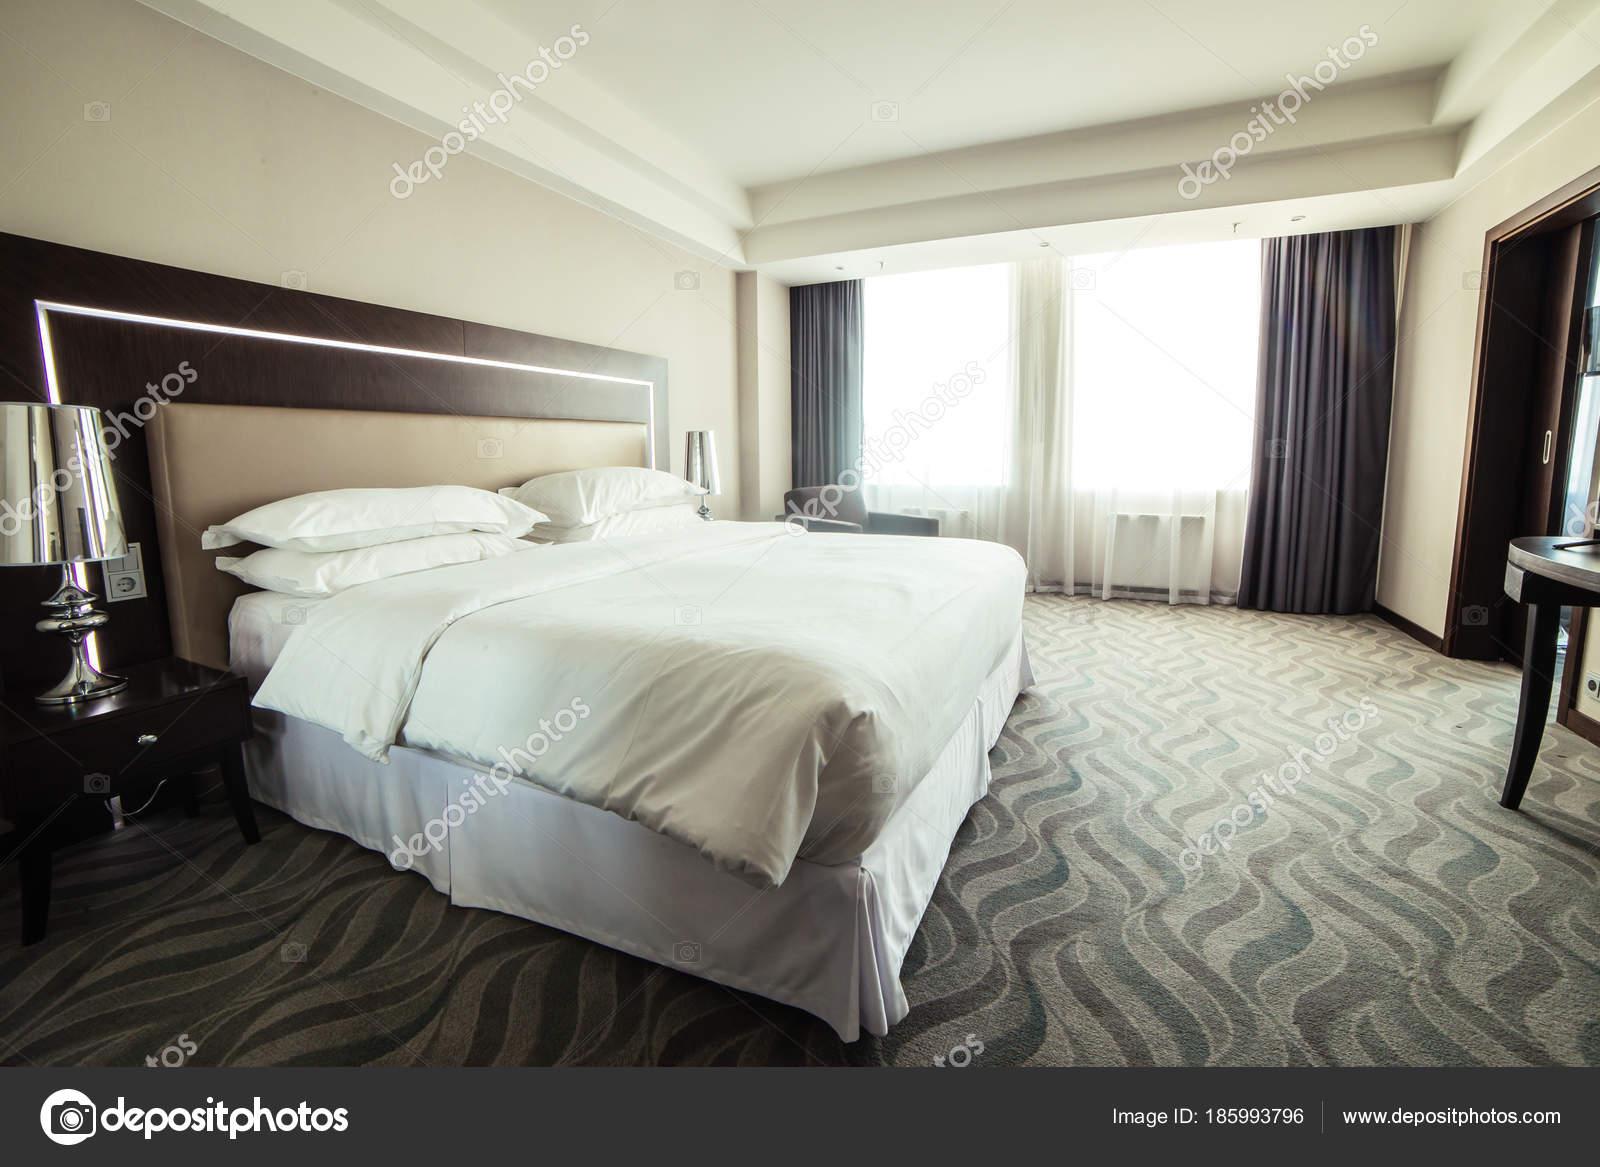 interieurinrichting van luxe hotel slaapkamer — Stockfoto ...